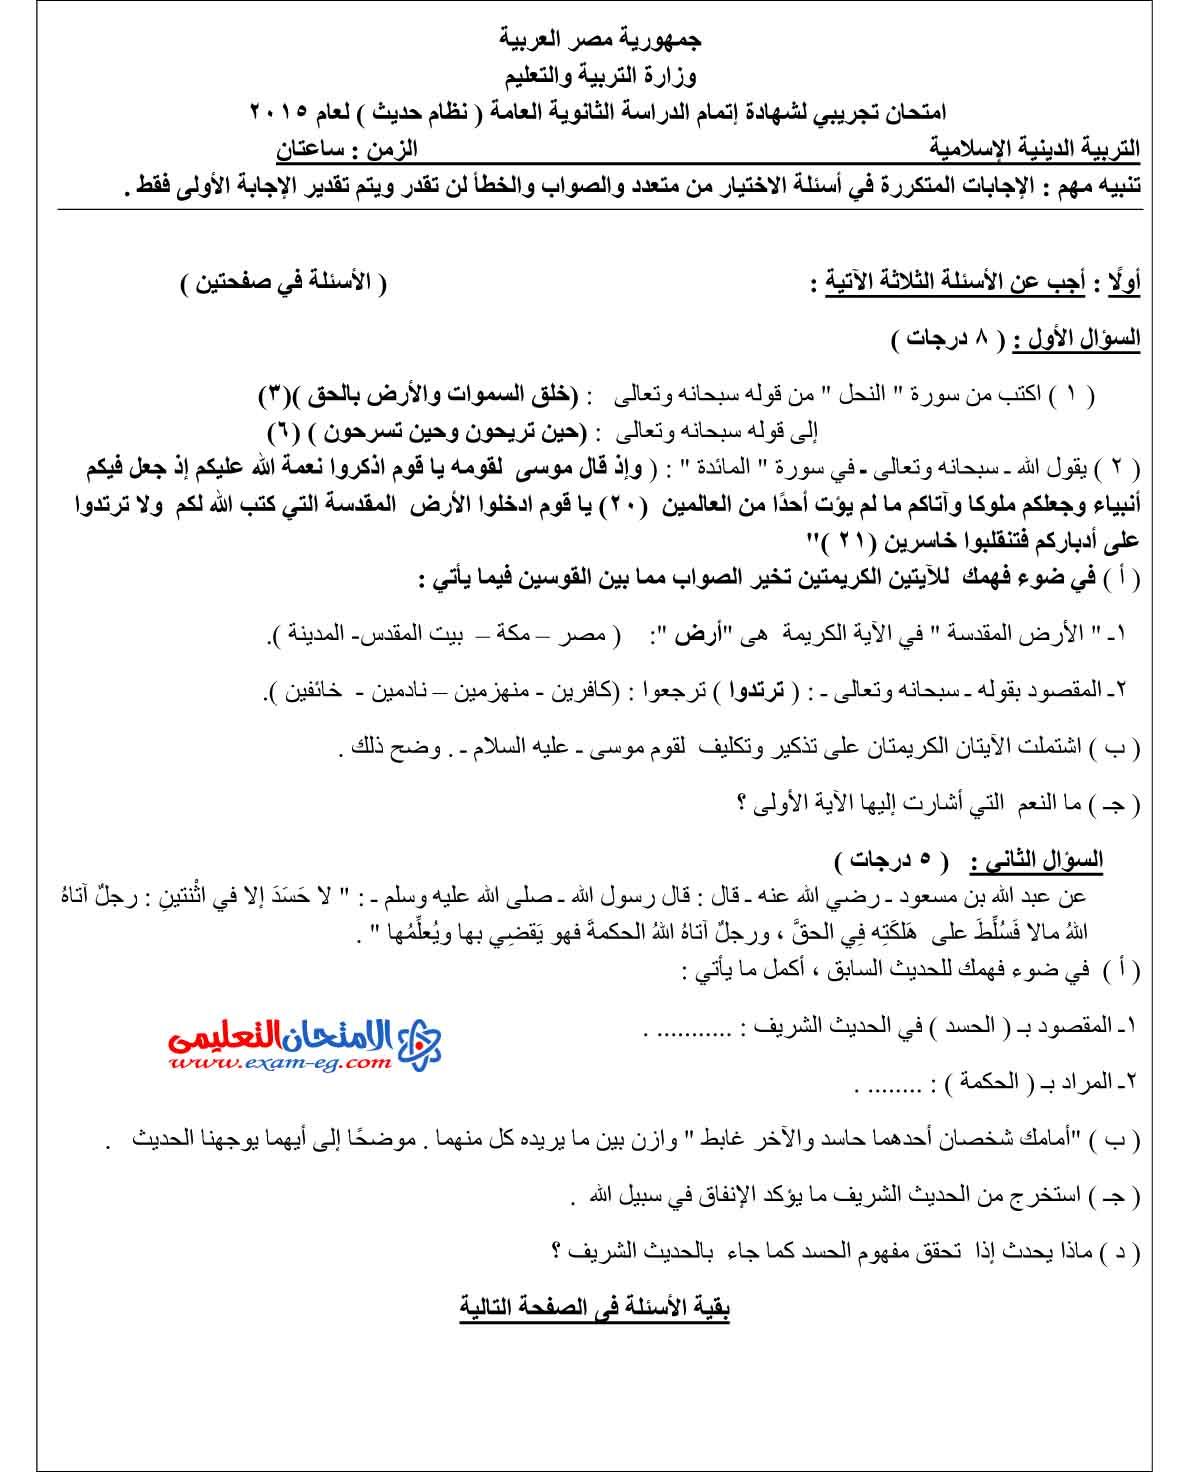 امتحان الوزارة فى التربية الدينية الاسلامية